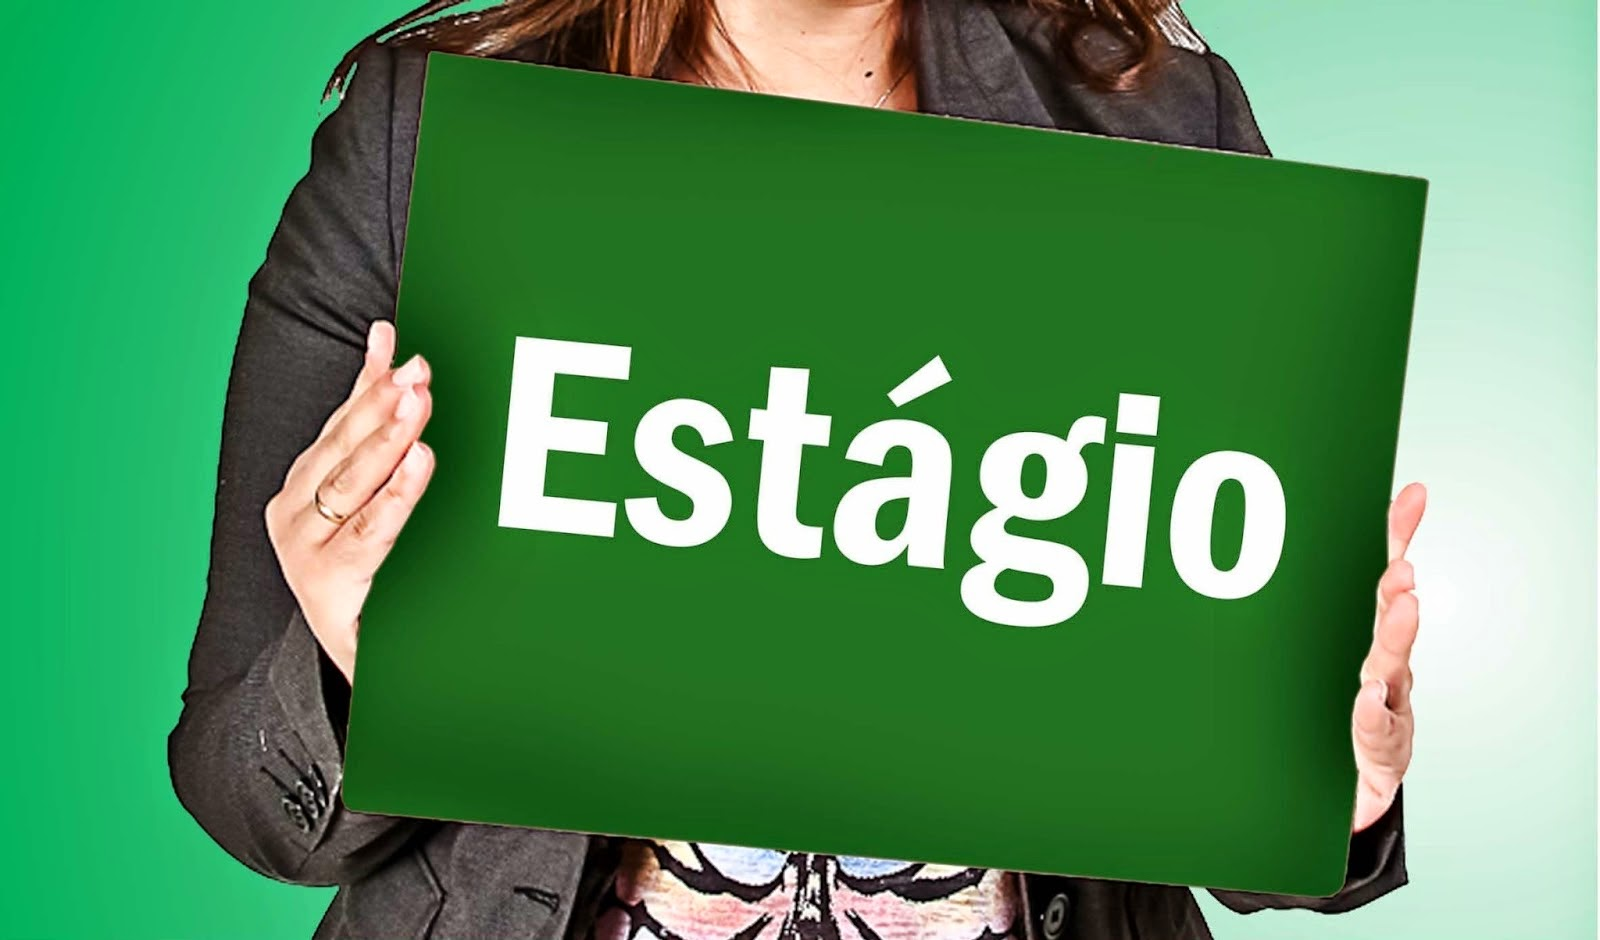 http://rscoelho2011.blogspot.com.br/2015/02/bolsa-estagio-liberada.html